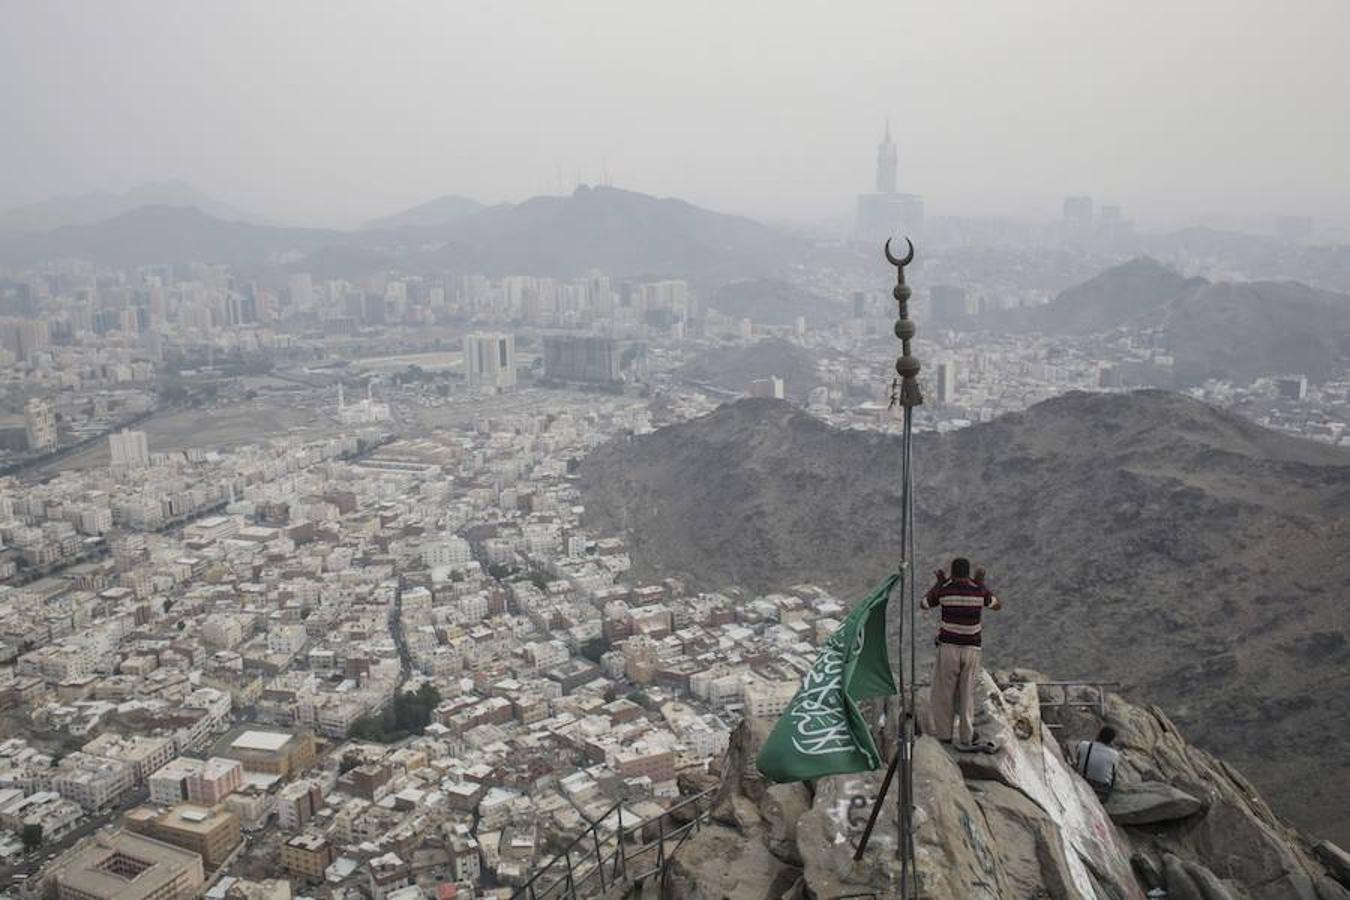 Un peregrino ora en el Monte Al-Noor este jueves, en la ciudad sagrada de La Meca (Arabia Saudí). Los musulmanes creen en que el profeta Mahoma recibió las primeras palabras del Corán en esre lugar